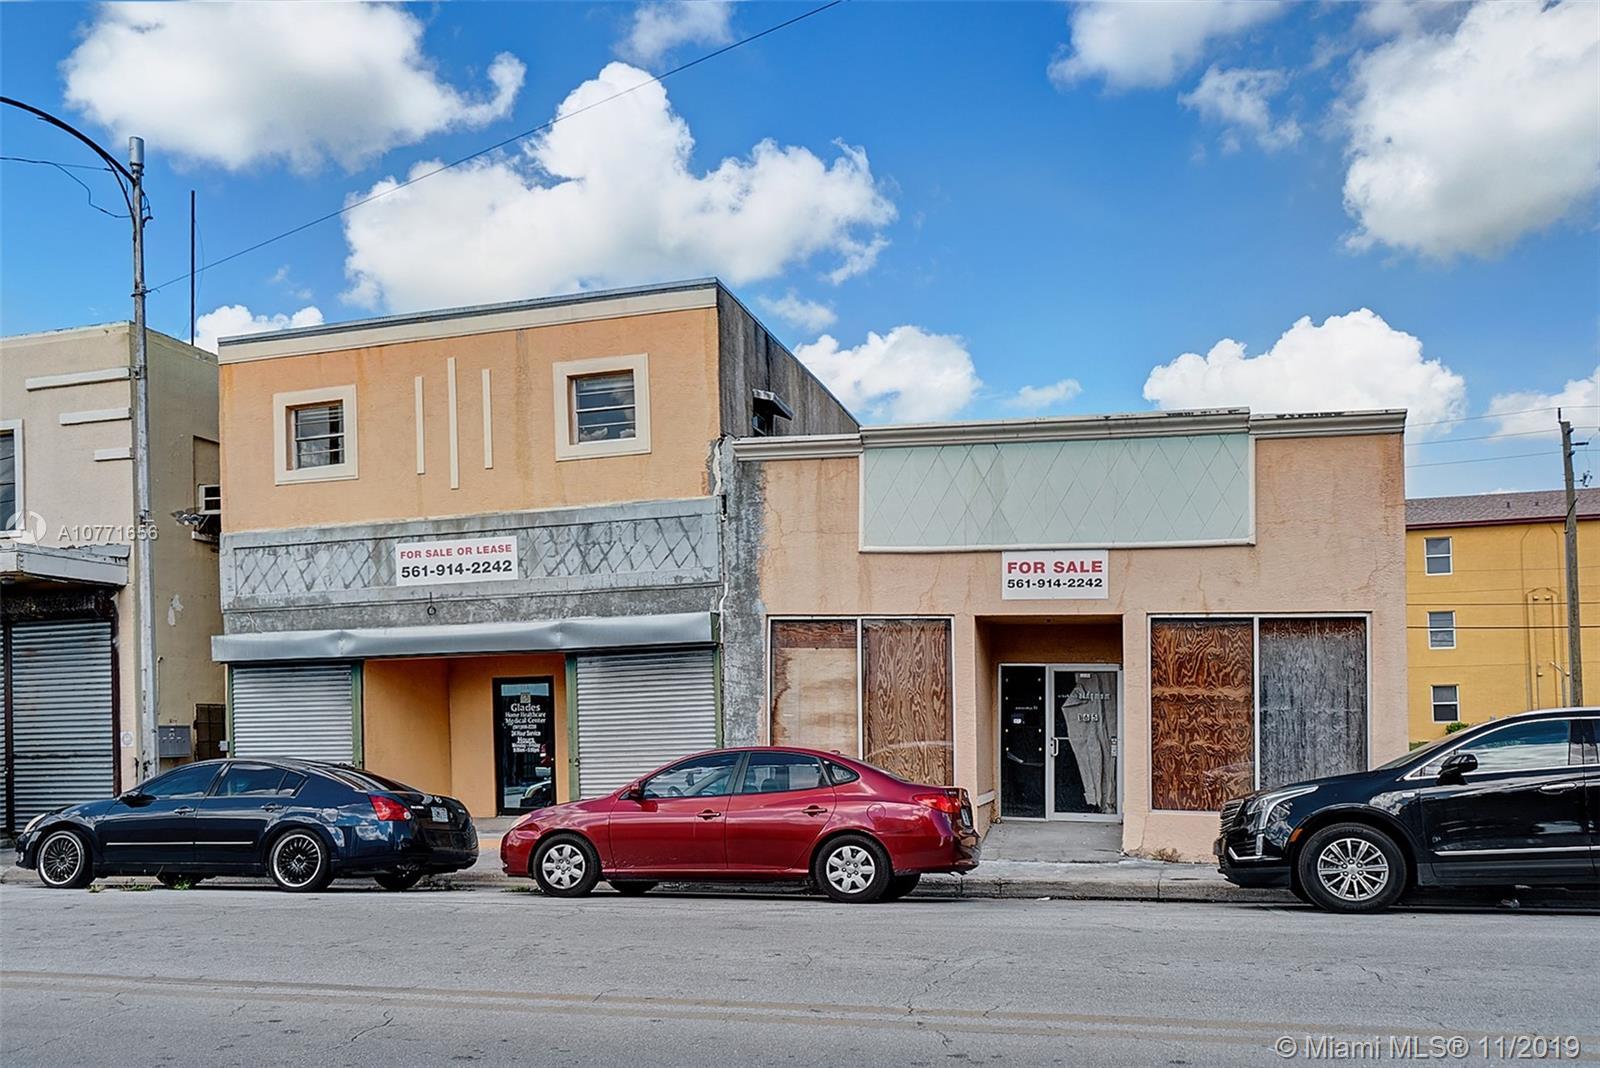 173 W Avenue A #173, Belle Glade, FL 33430 - Belle Glade, FL real estate listing